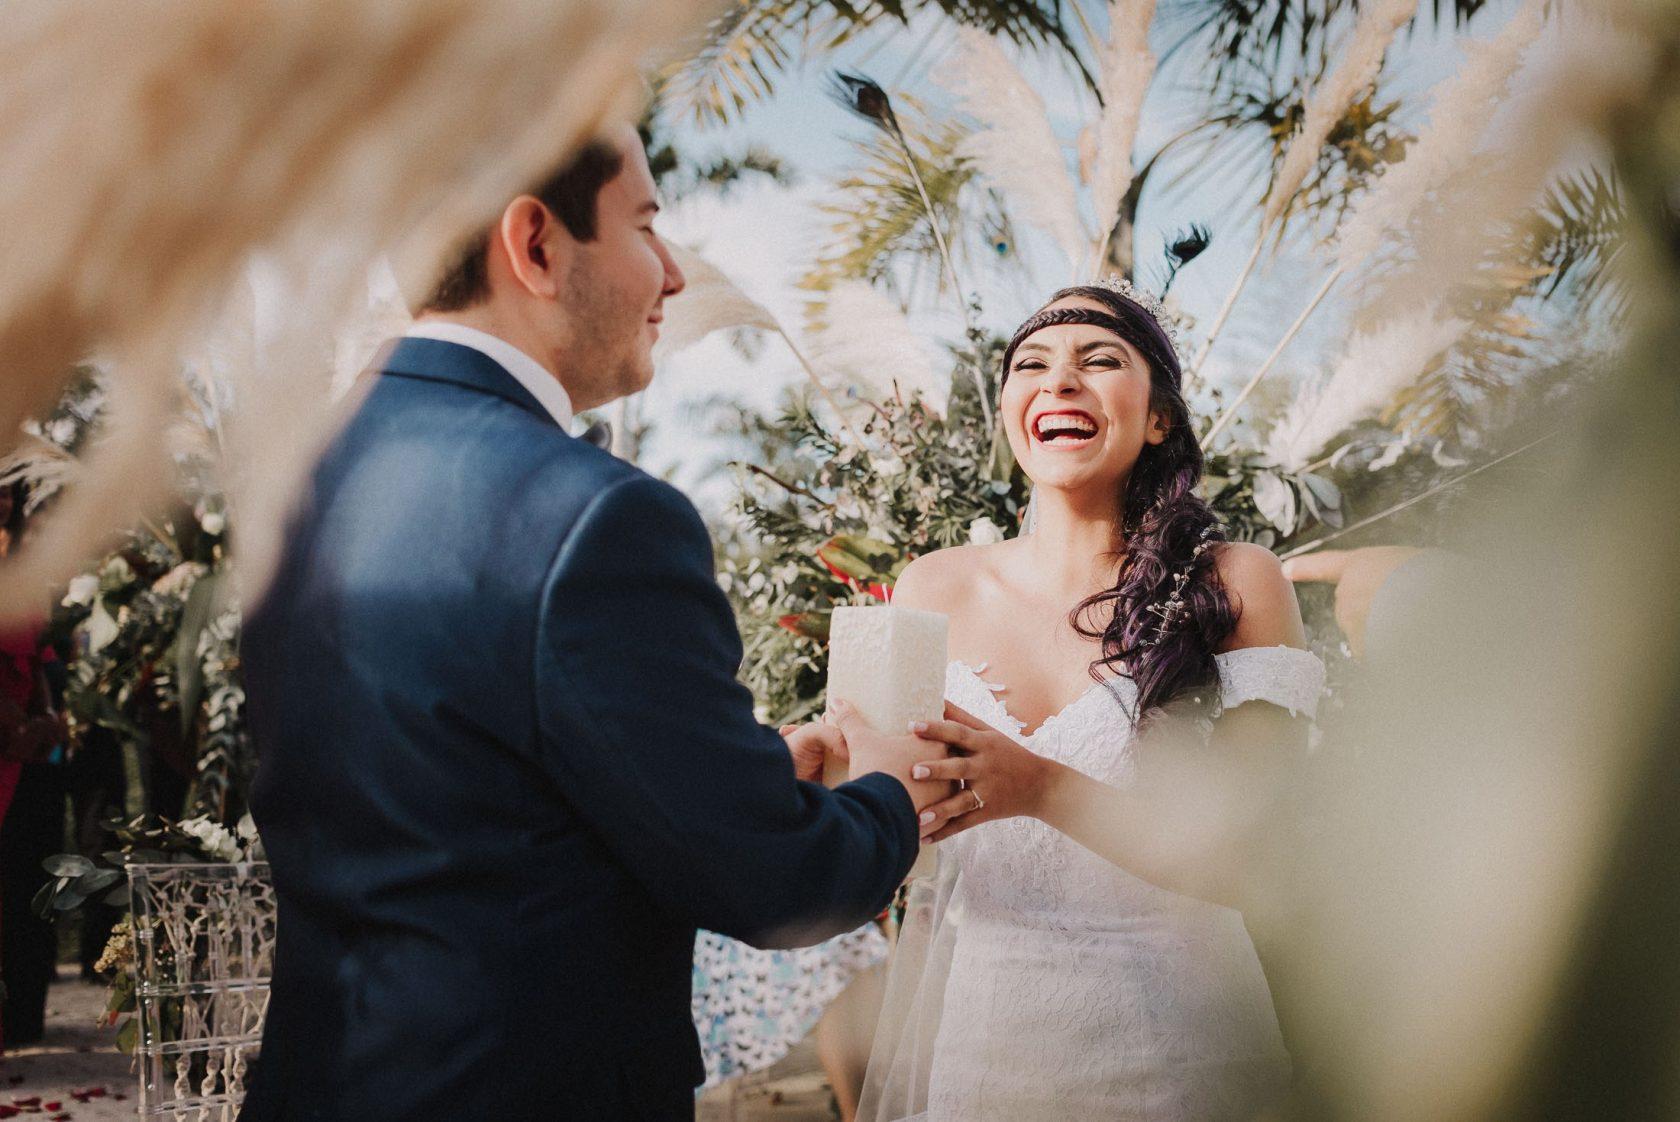 virgy-y-david-jota-pardo-fotografo-bodas-adventistas-casa-bali-zona-e-llano-grande-colombia